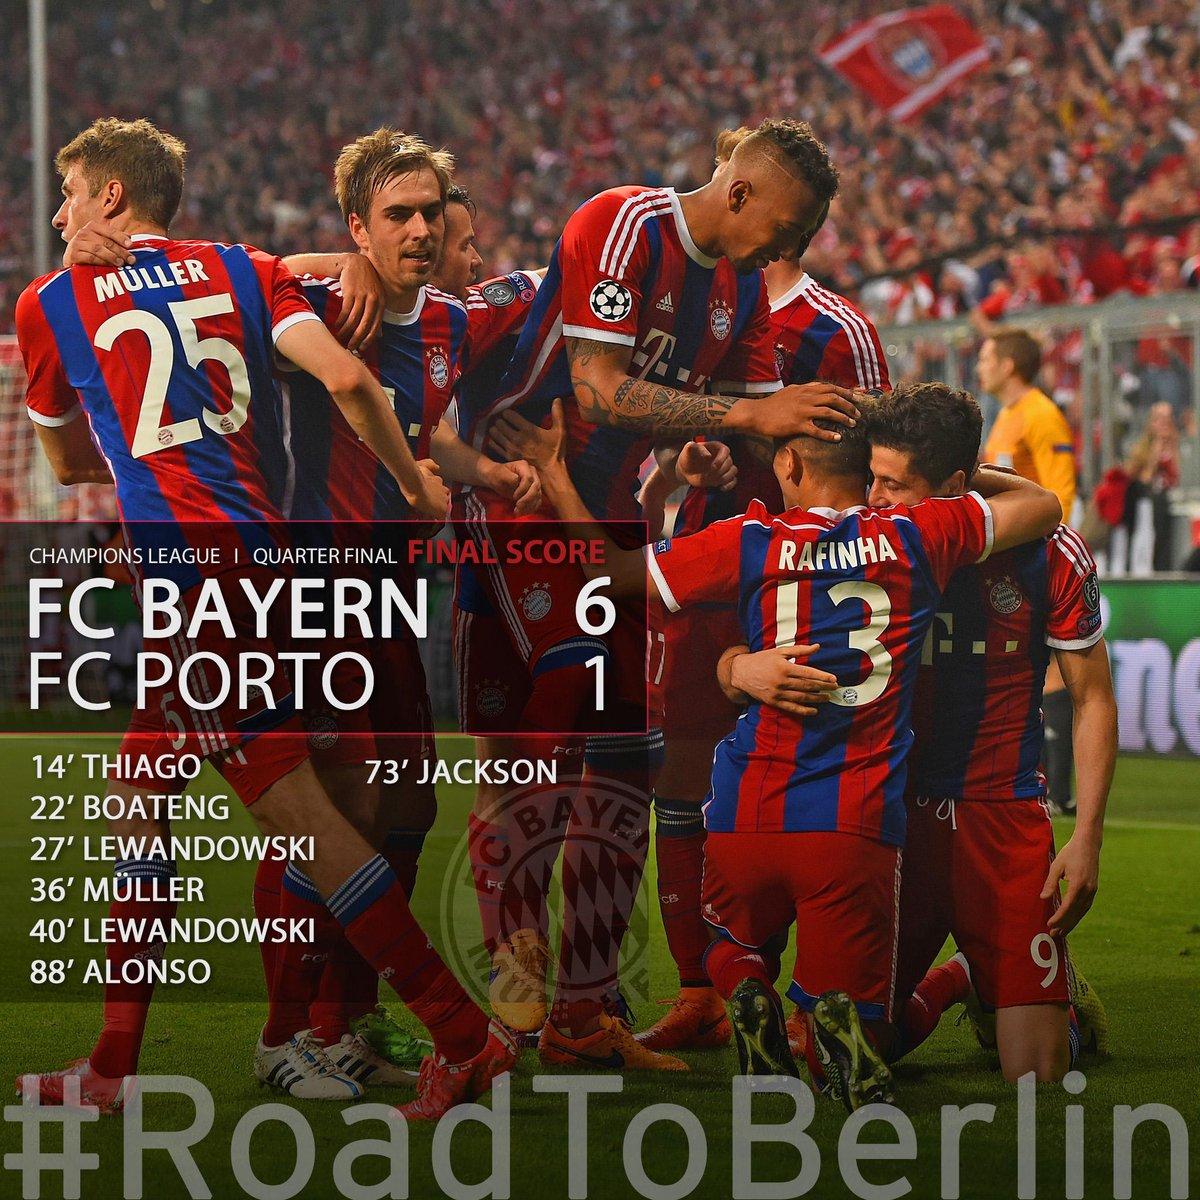 Bayern Múnich aplastó 6-1 a Porto y está en semis de Cham